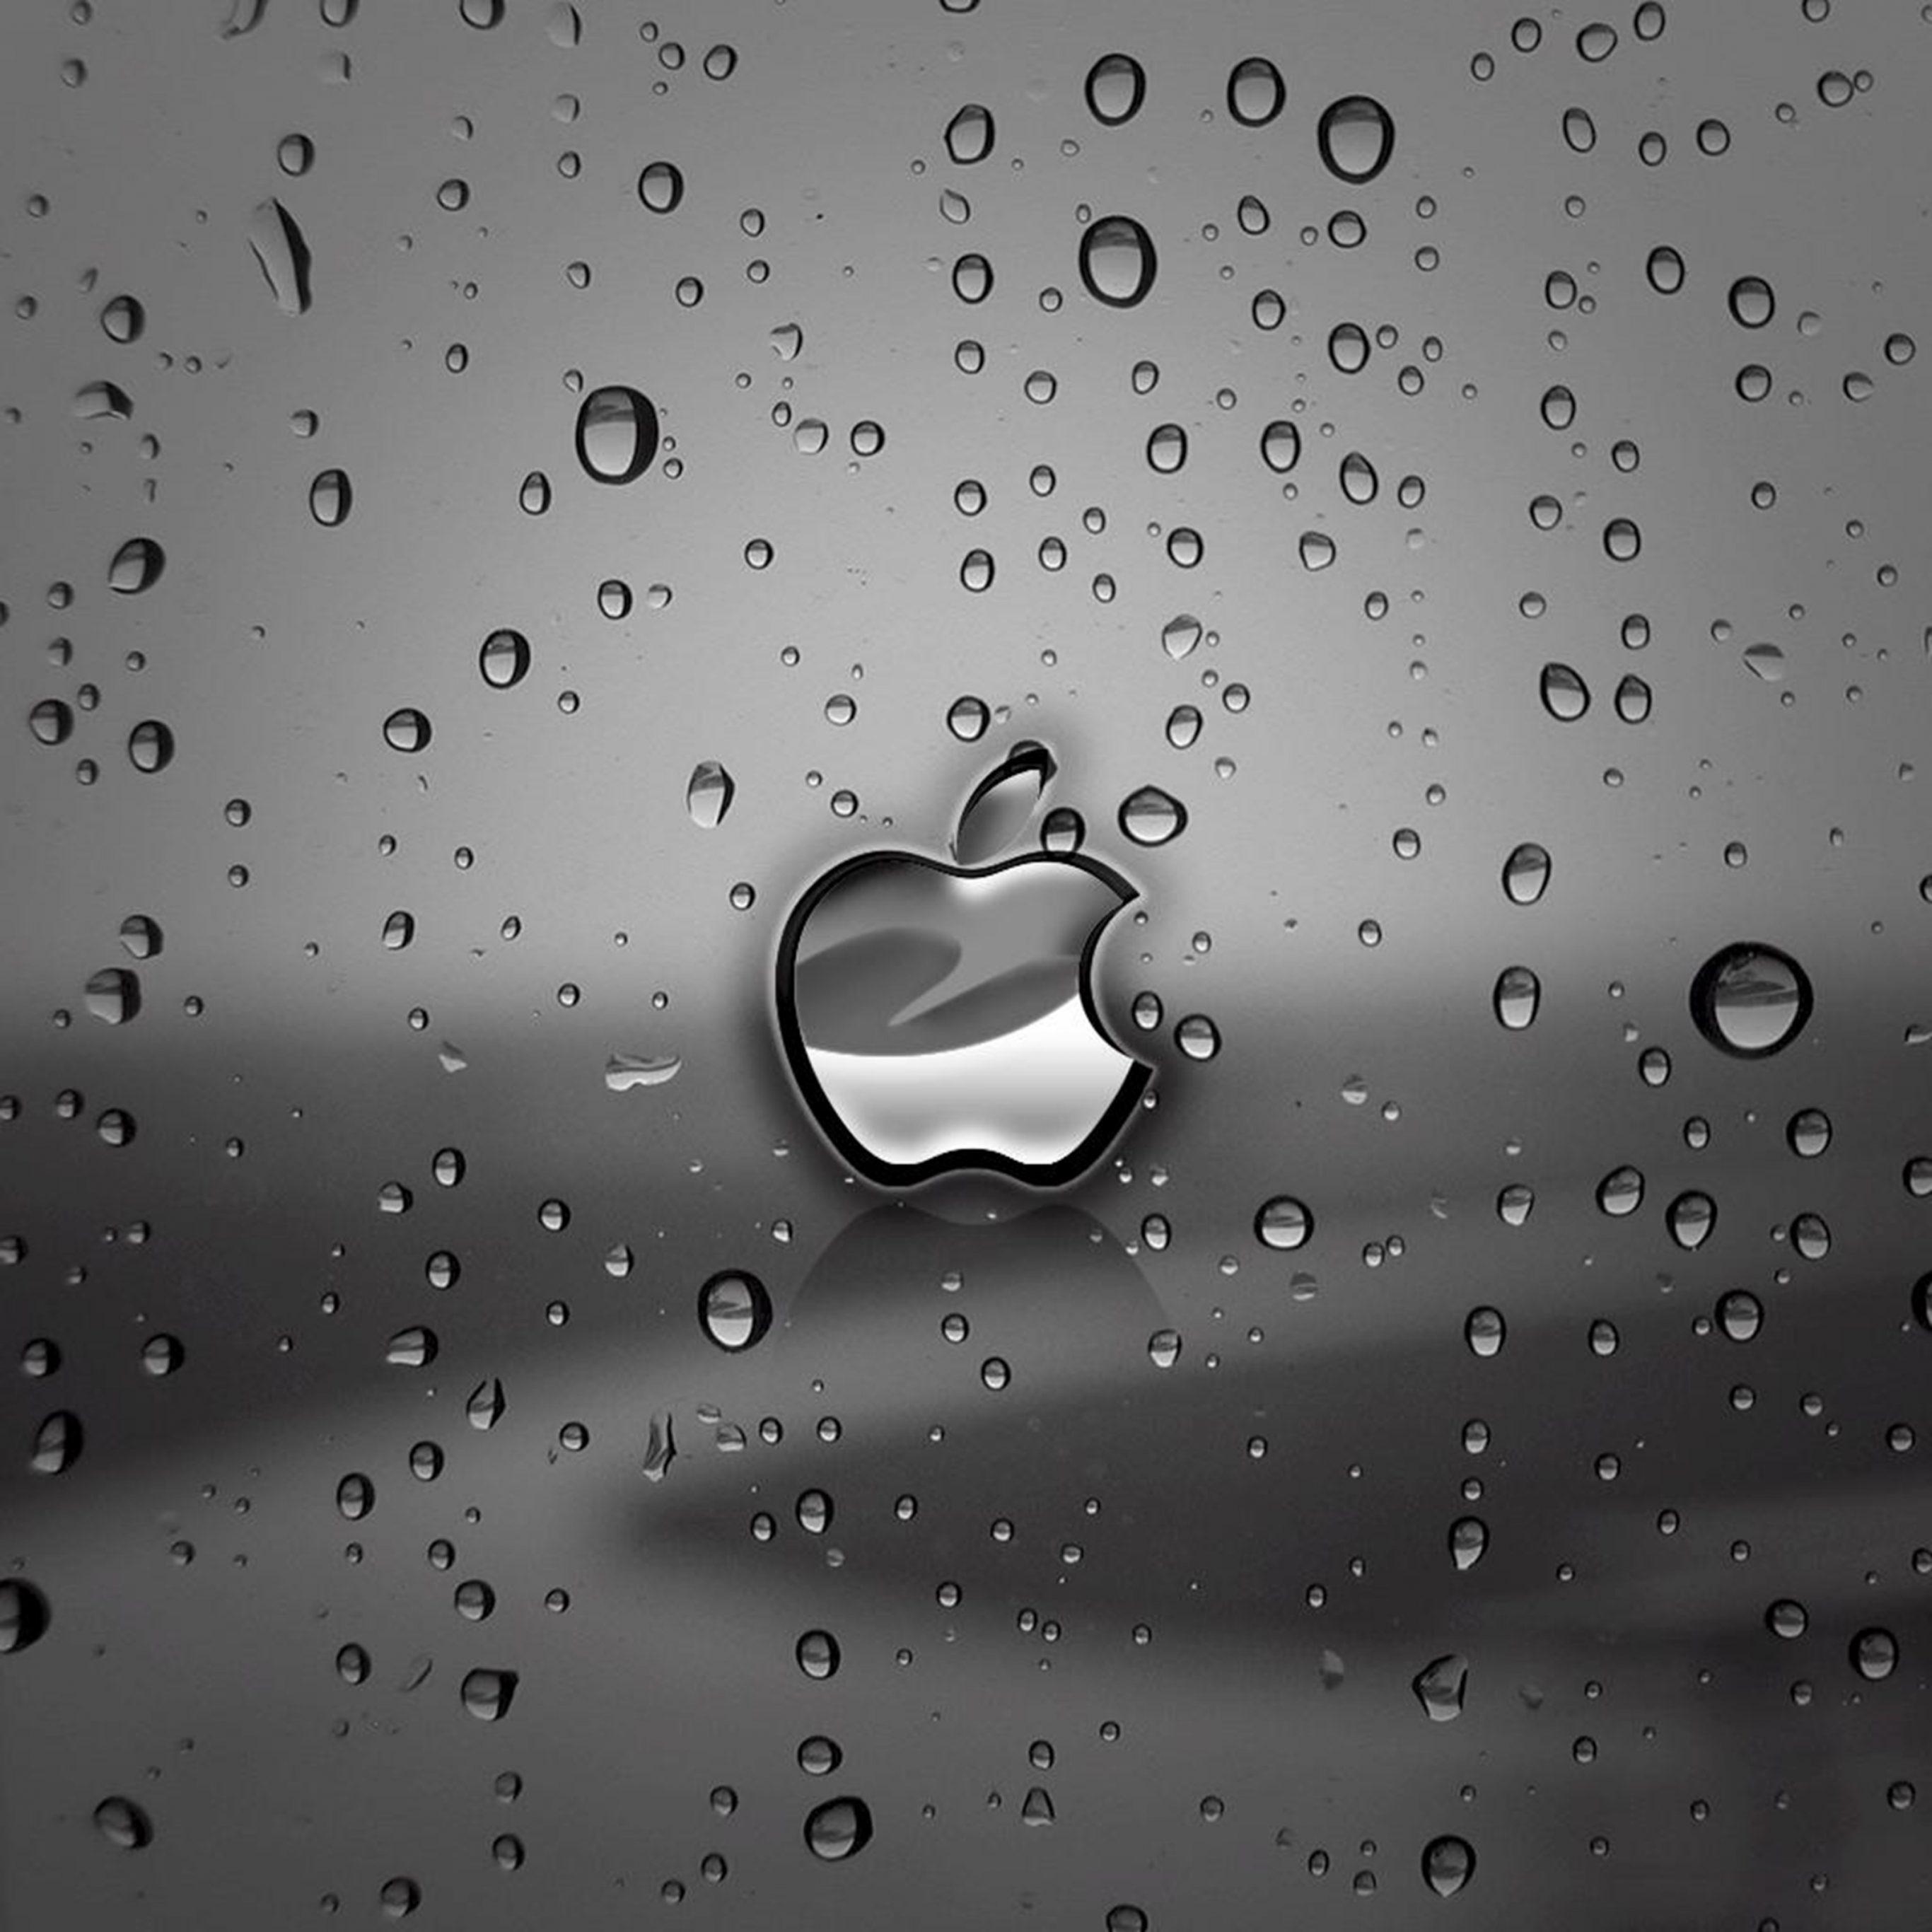 2732x2732 wallpapers 4k iPad Pro Apple Rain Ipad Wallpaper 2732x2732 pixels resolution